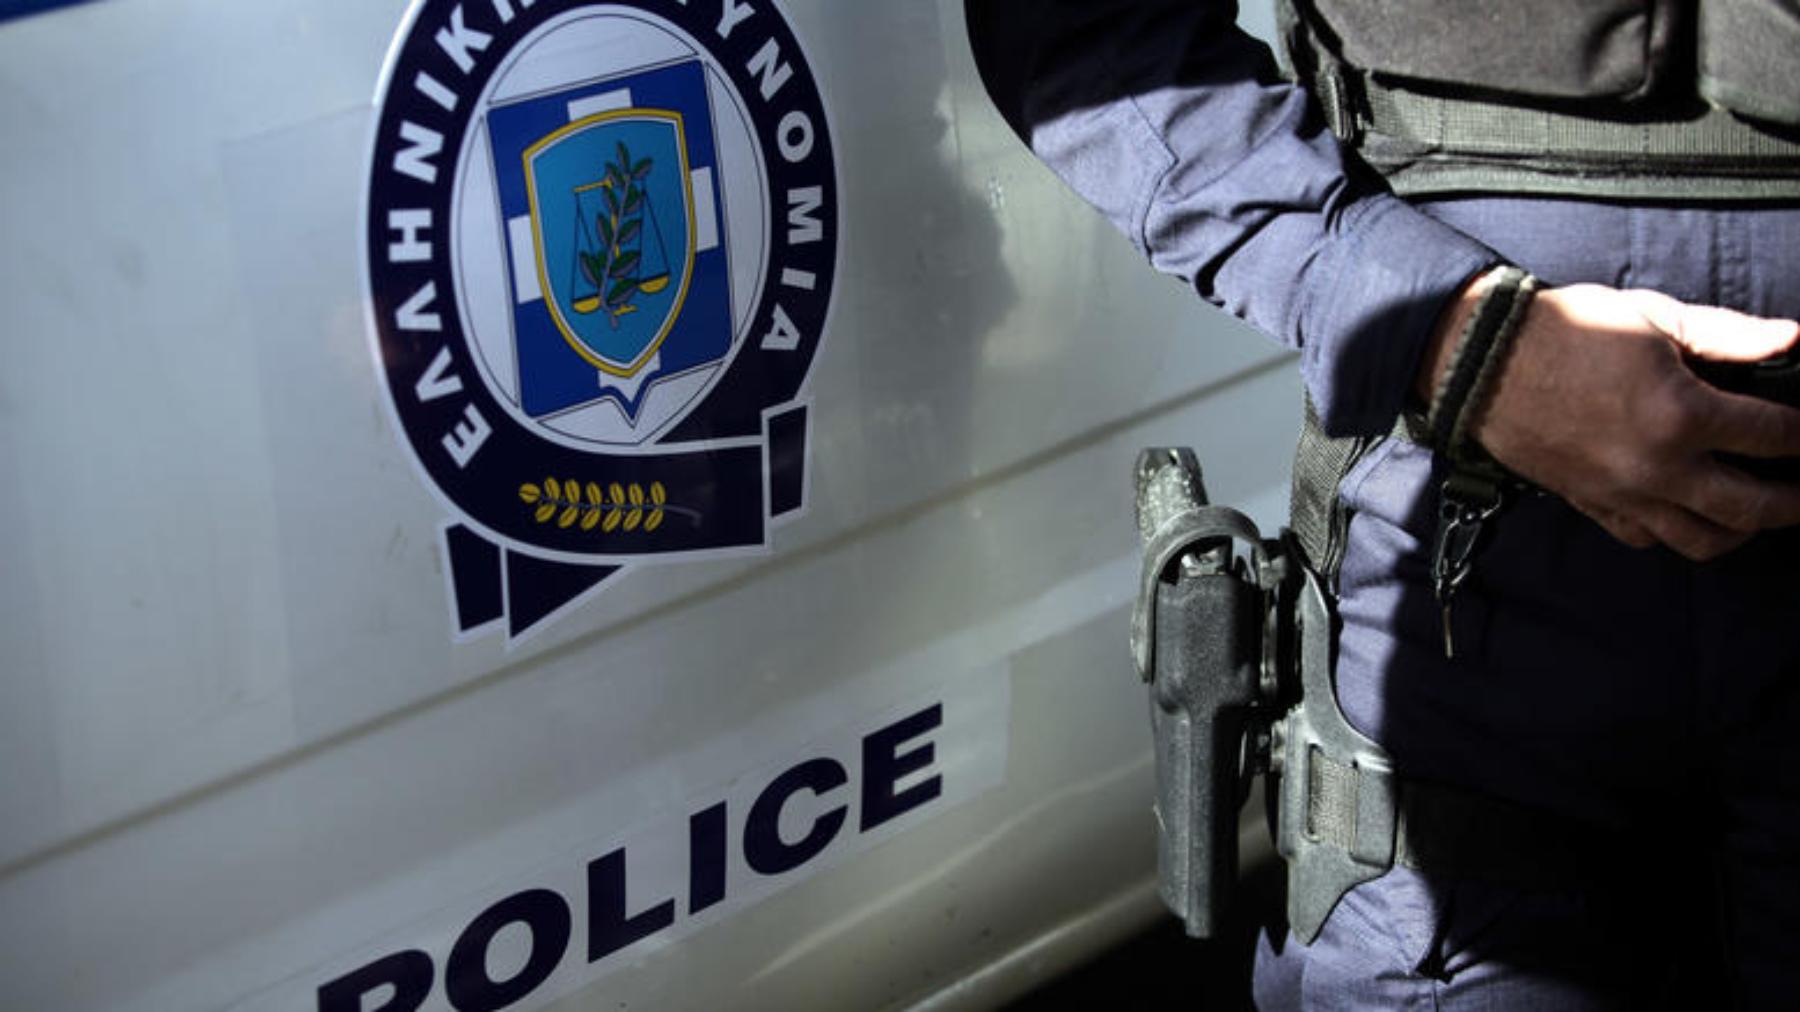 ΑΣΕΠ: Έρχεται προκήρυξη για προσλήψεις στην αστυνομία